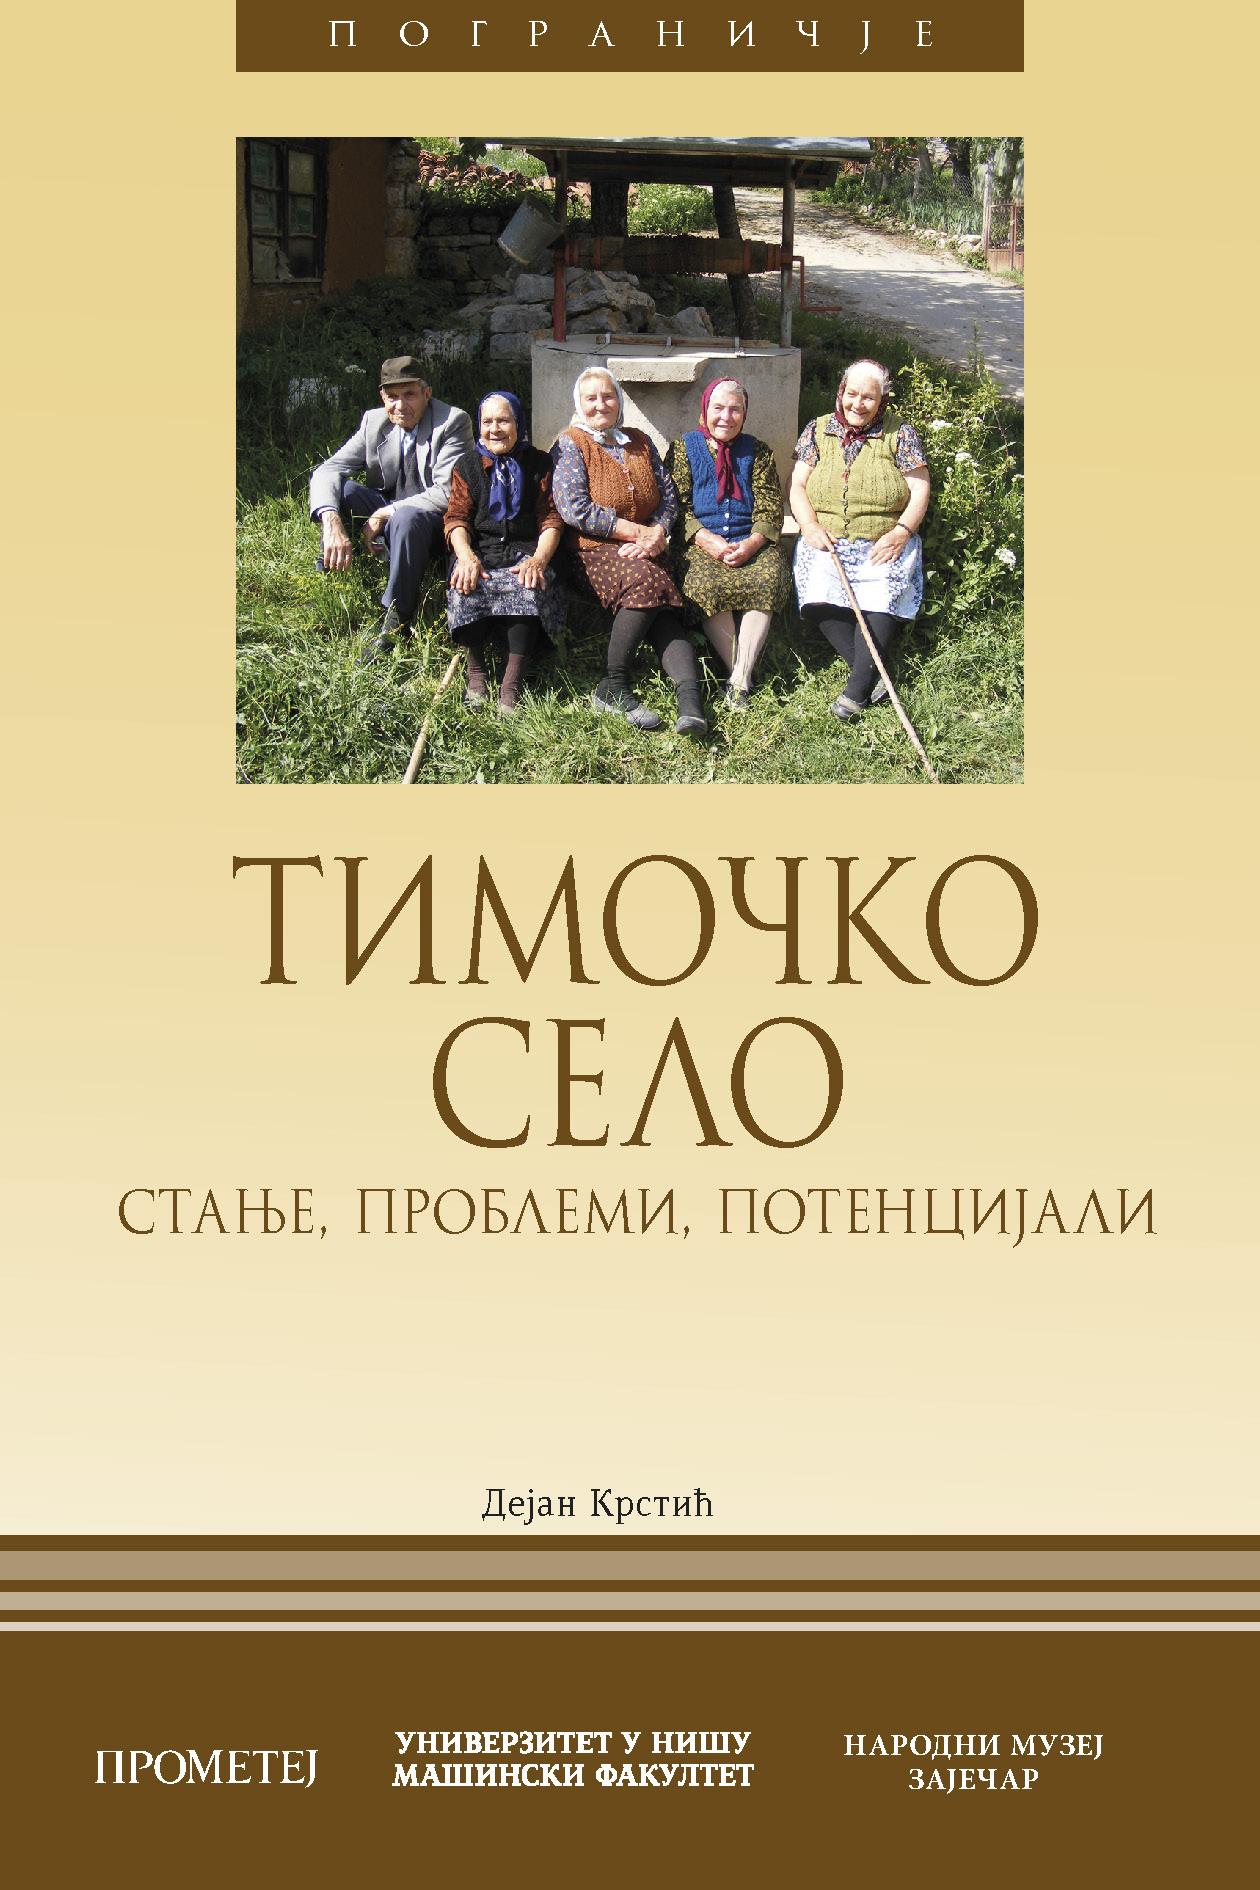 Тимочко село: стање, проблеми, потенцијали